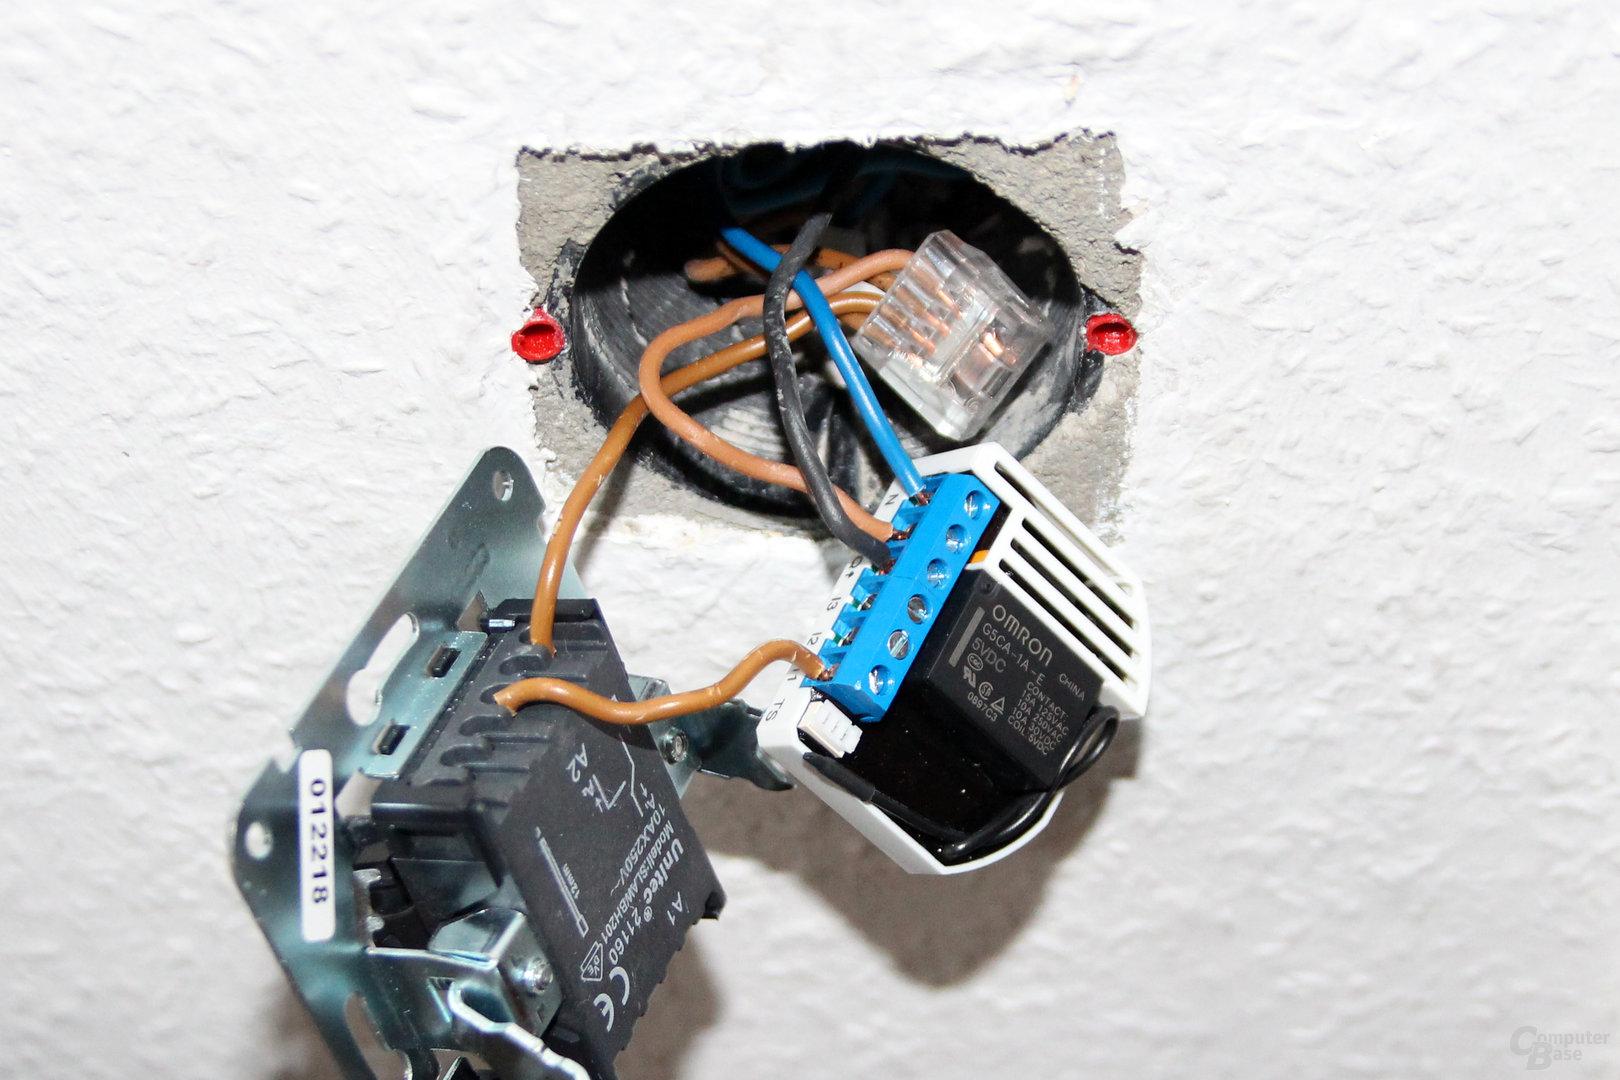 Installation mit Devolo Home Control Unterputz-Schalter (Bild 11/25 ...